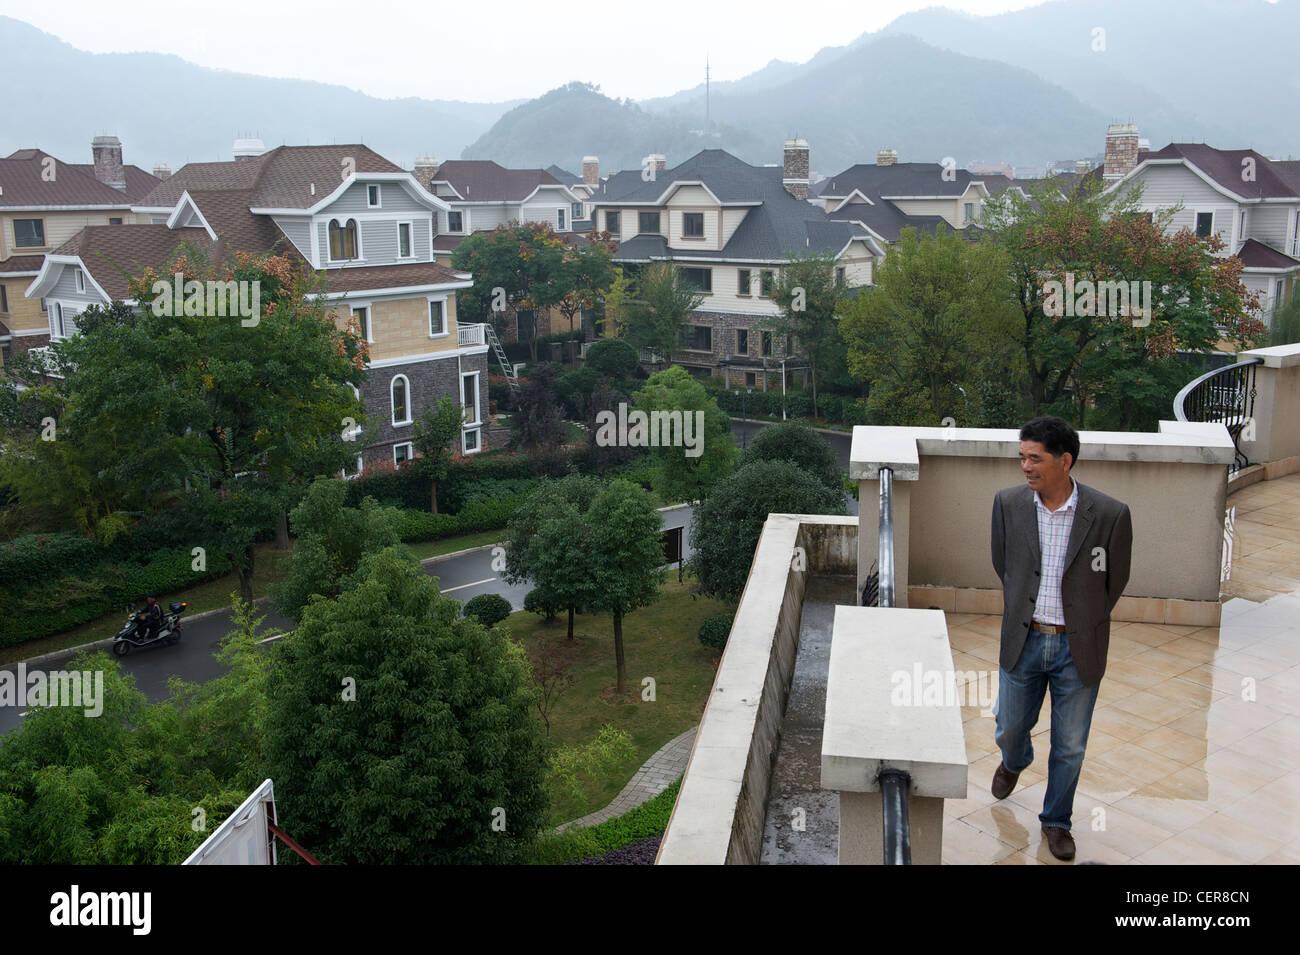 Hu Jishen,Chairman of  Xingyue Group, looks at luxurious villas developed by Xingyue in Yongkang, Zhejiang, - Stock Image